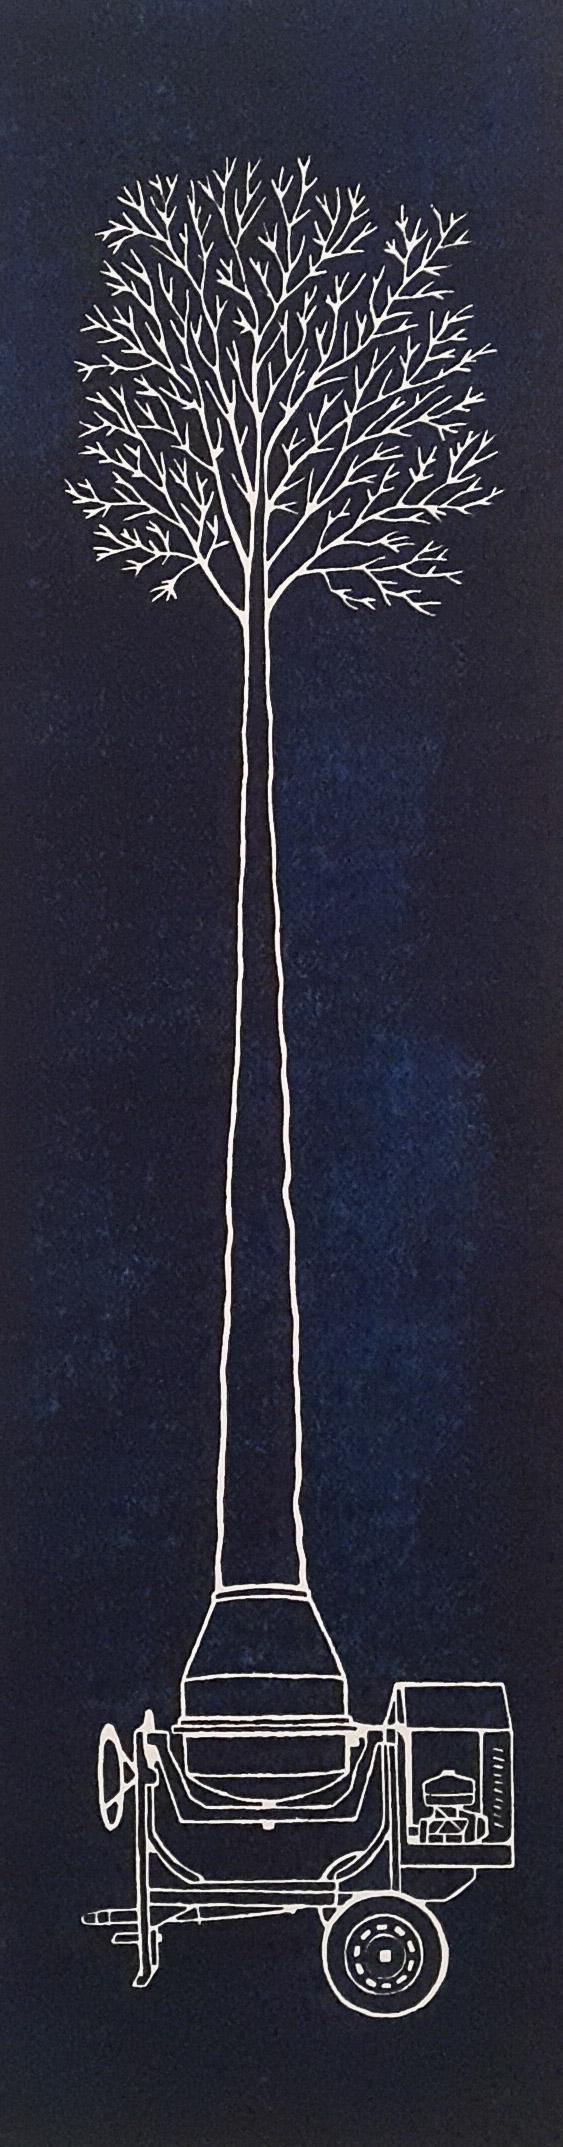 S. T (2016) - 70 X 33 cm - Xilografía / Xilography